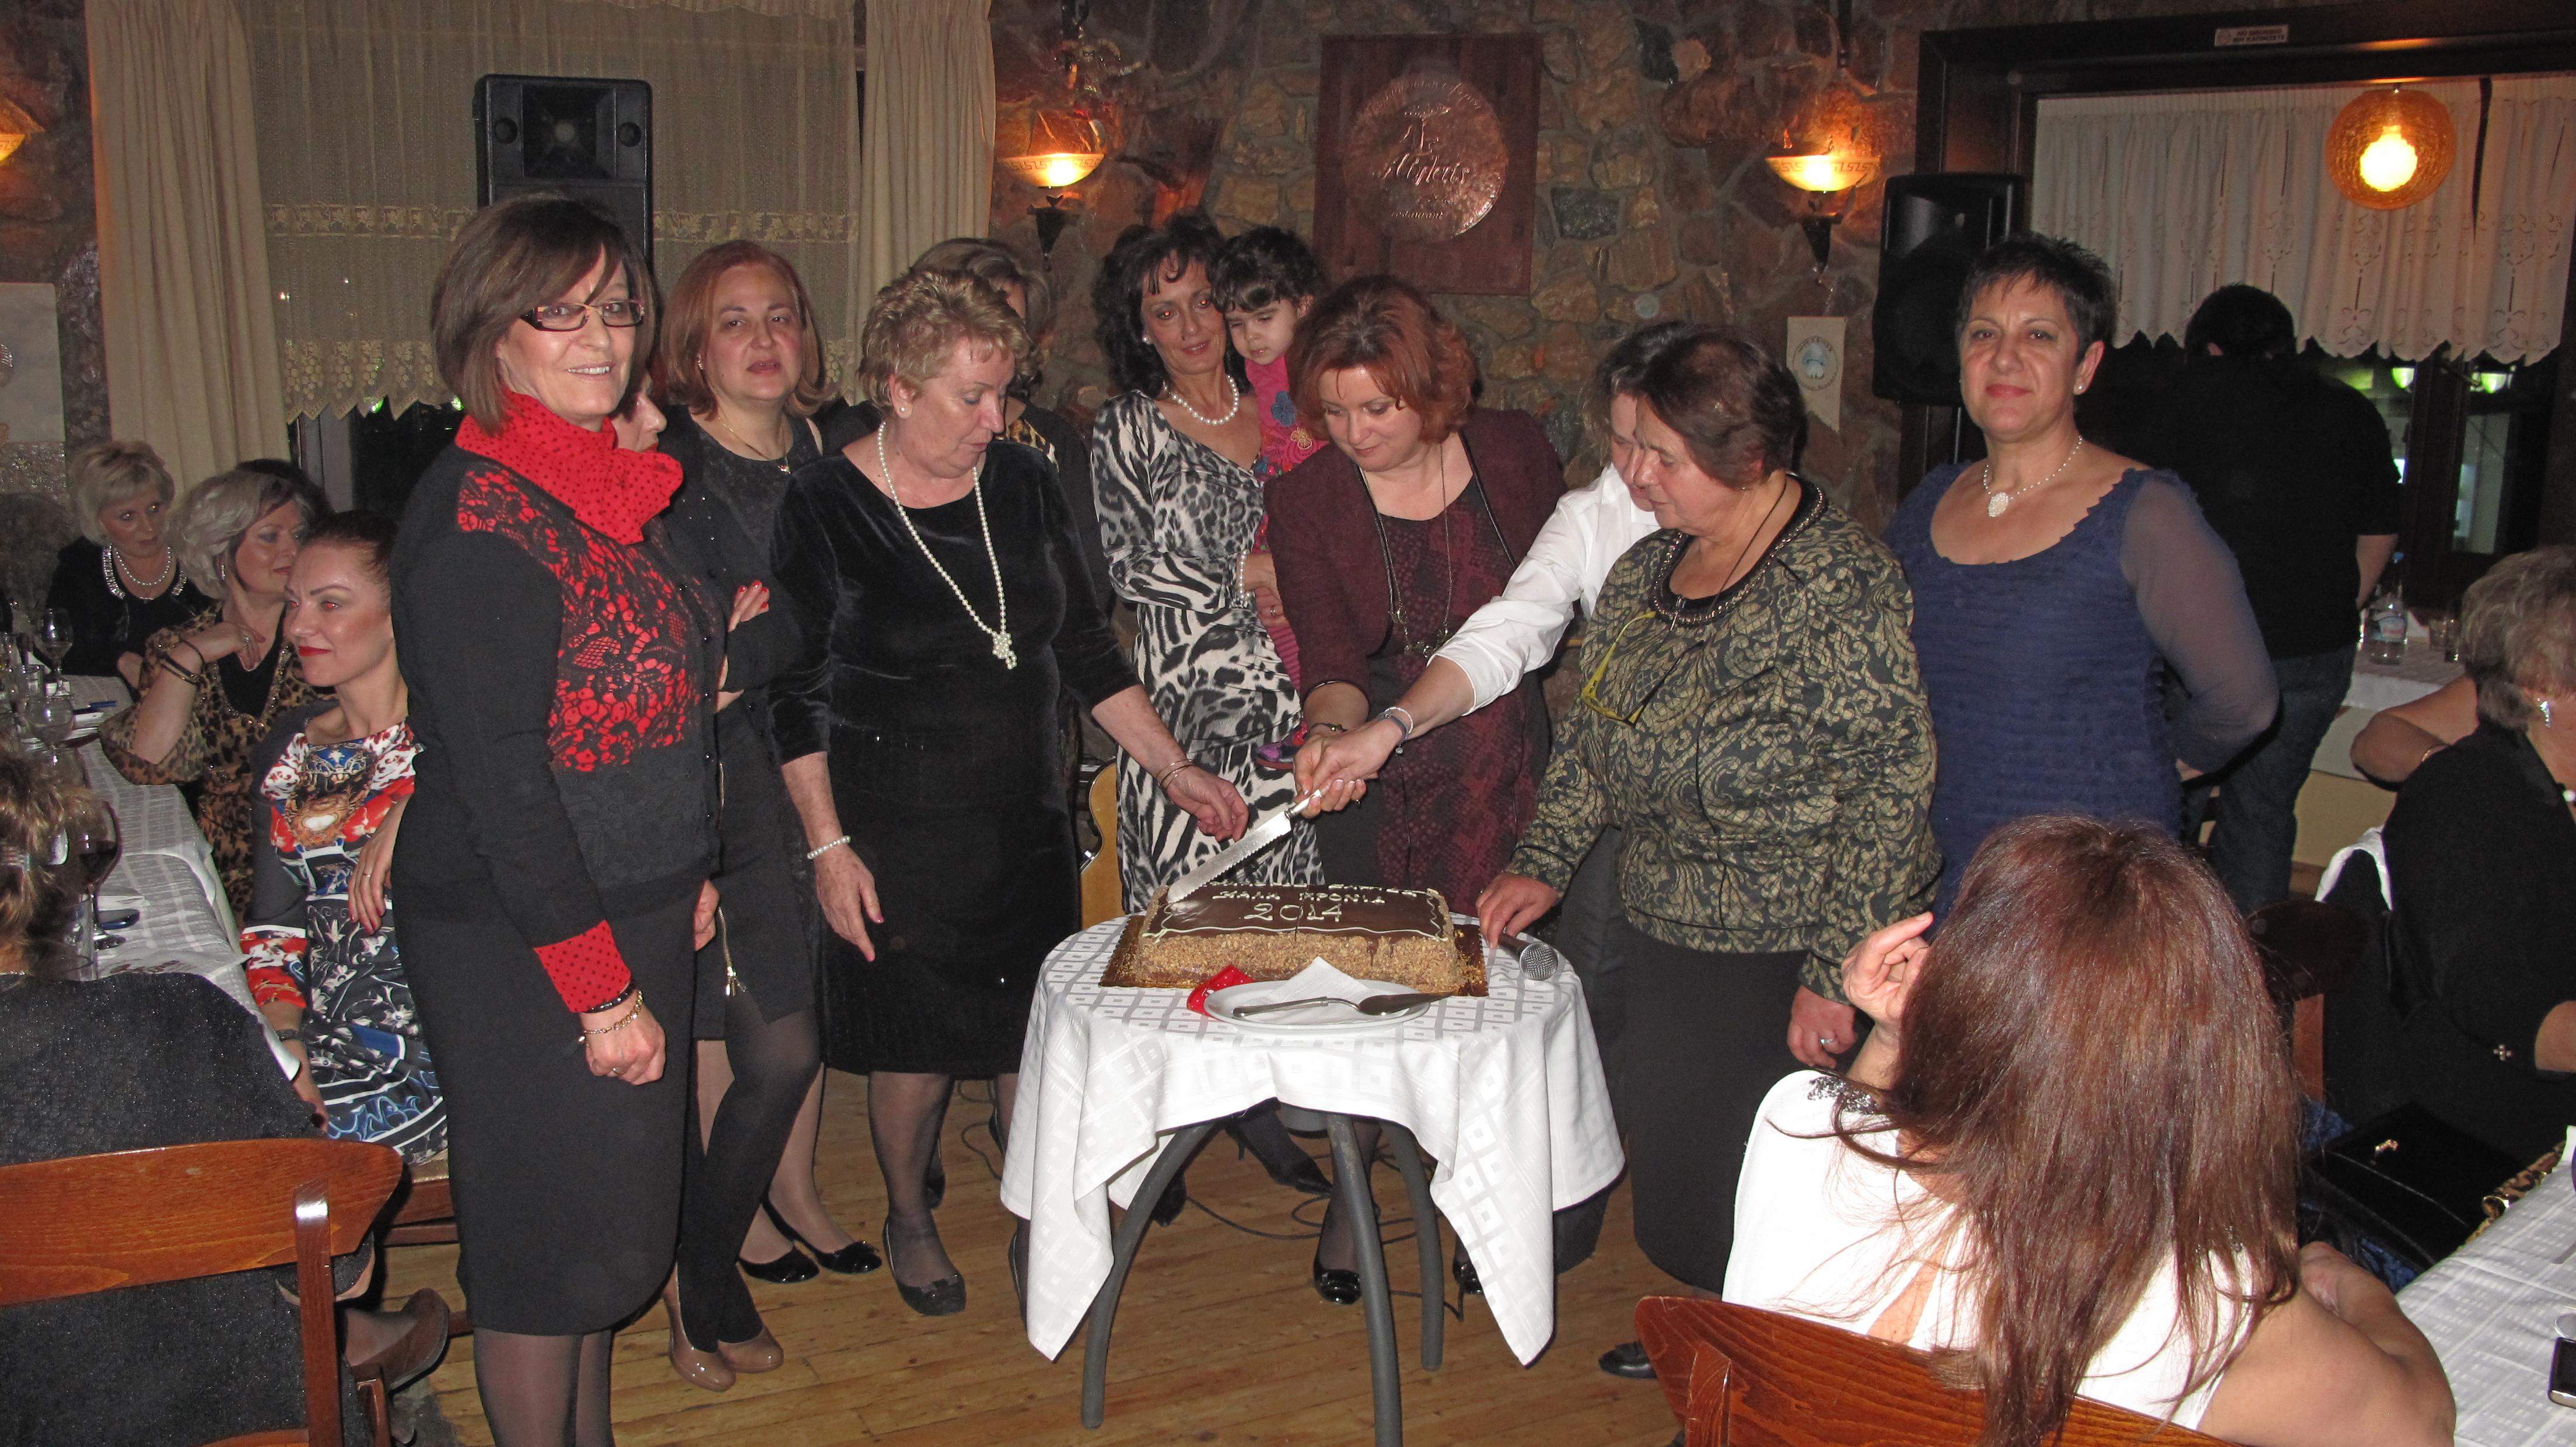 Πραγματοποιήθηκε στις ΑΥΛΑΙΣ η κοπή της Πρωτοχρονιάτικης Πίτας του Συλλόγου Αλληλεγγύης και Εθελοντισμού Γρεβενών ''ΕΛΠΙΔΑ'' (φωτογραφίες)